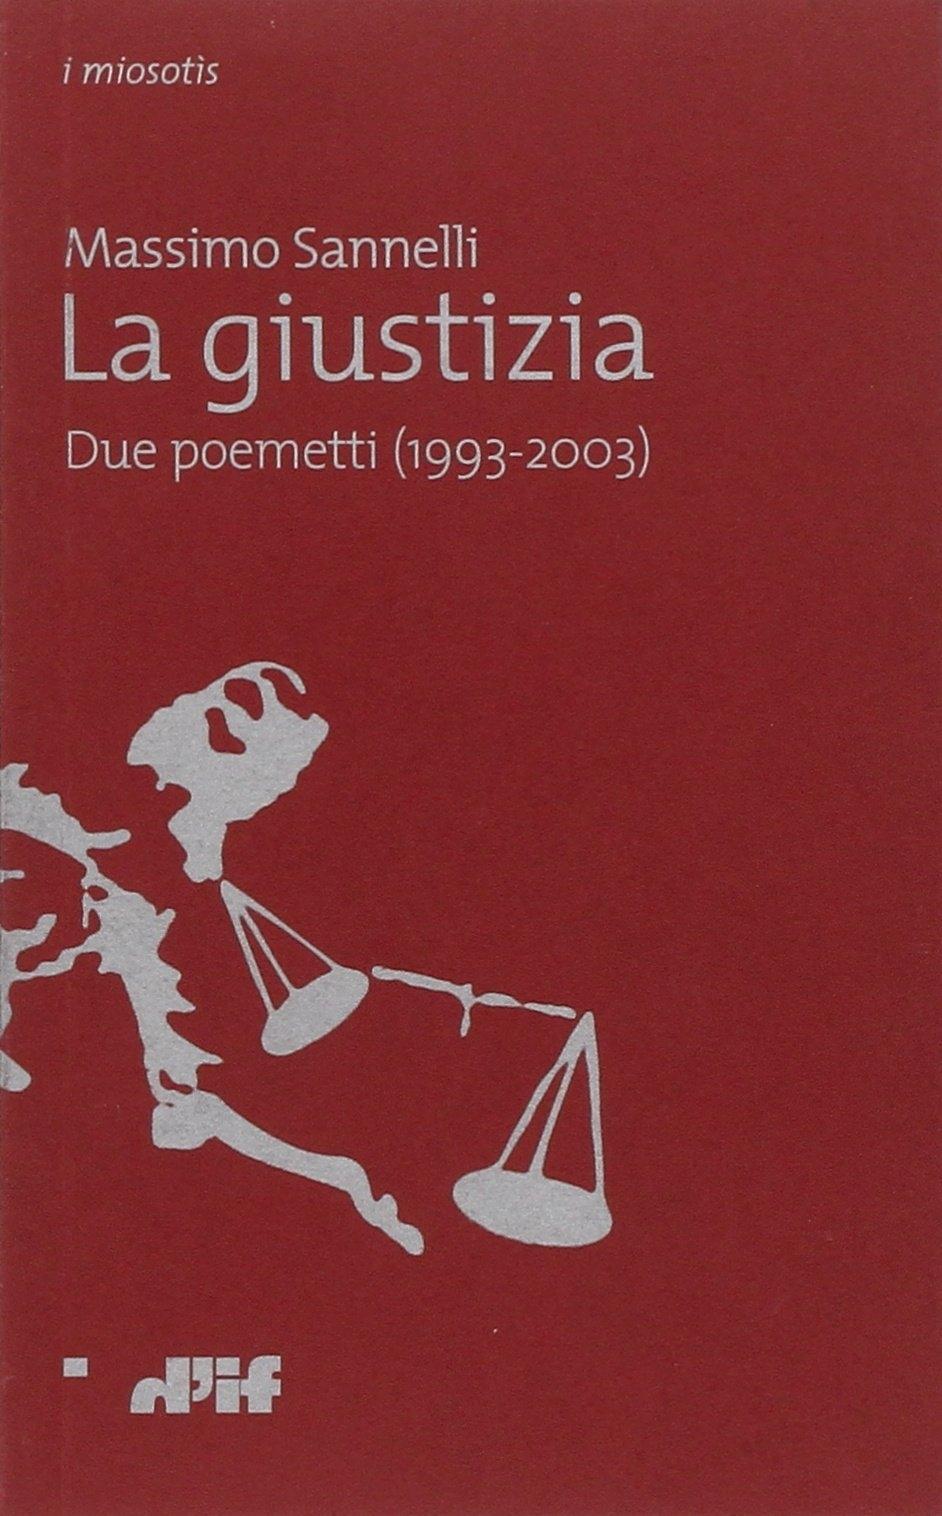 La giustizia. Due poemetti (1993-2003).